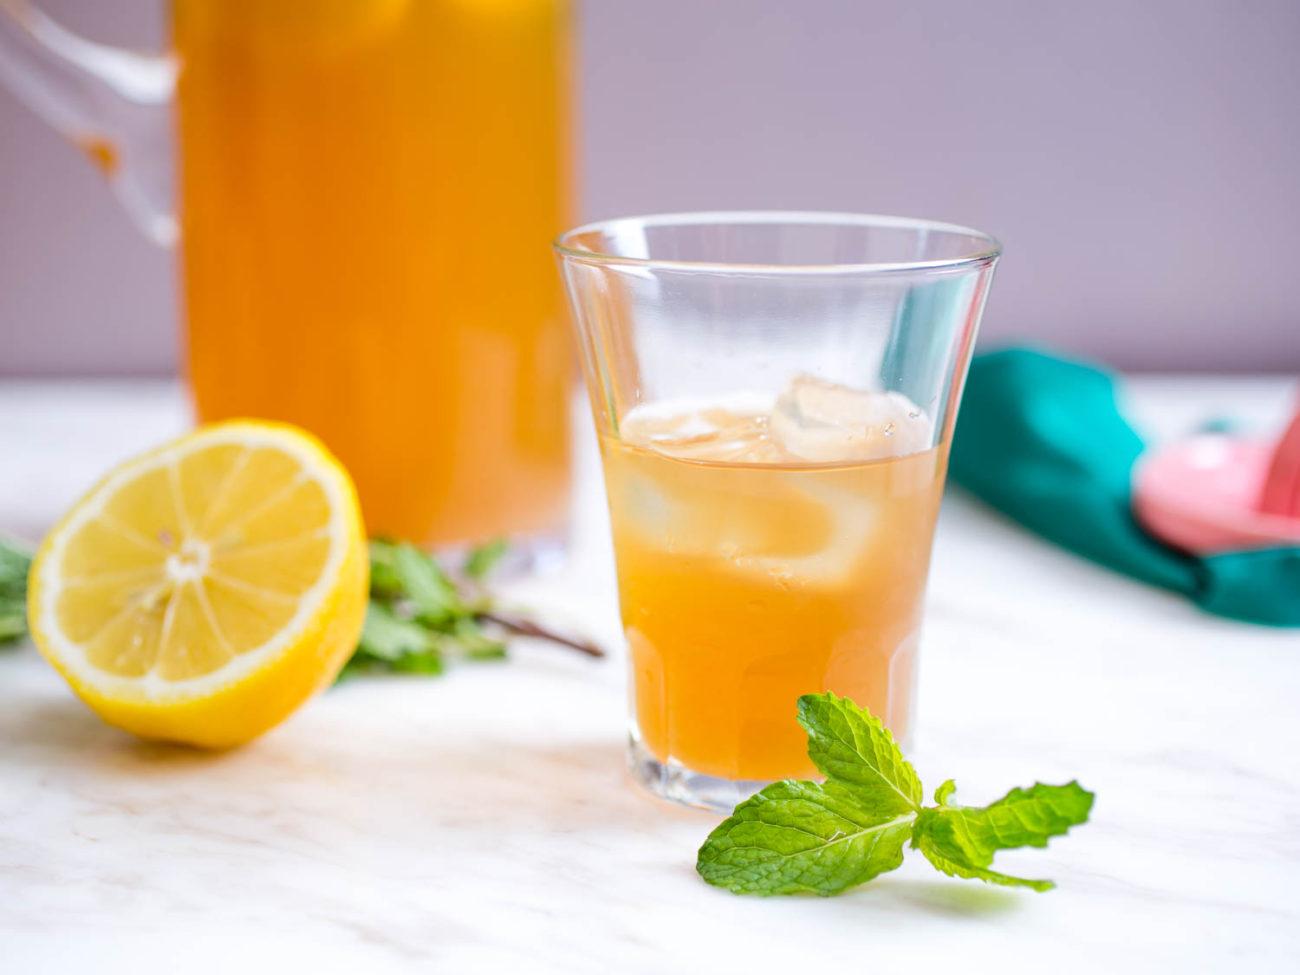 Σπιτικό παγωμένο τσάι με λεμόνι